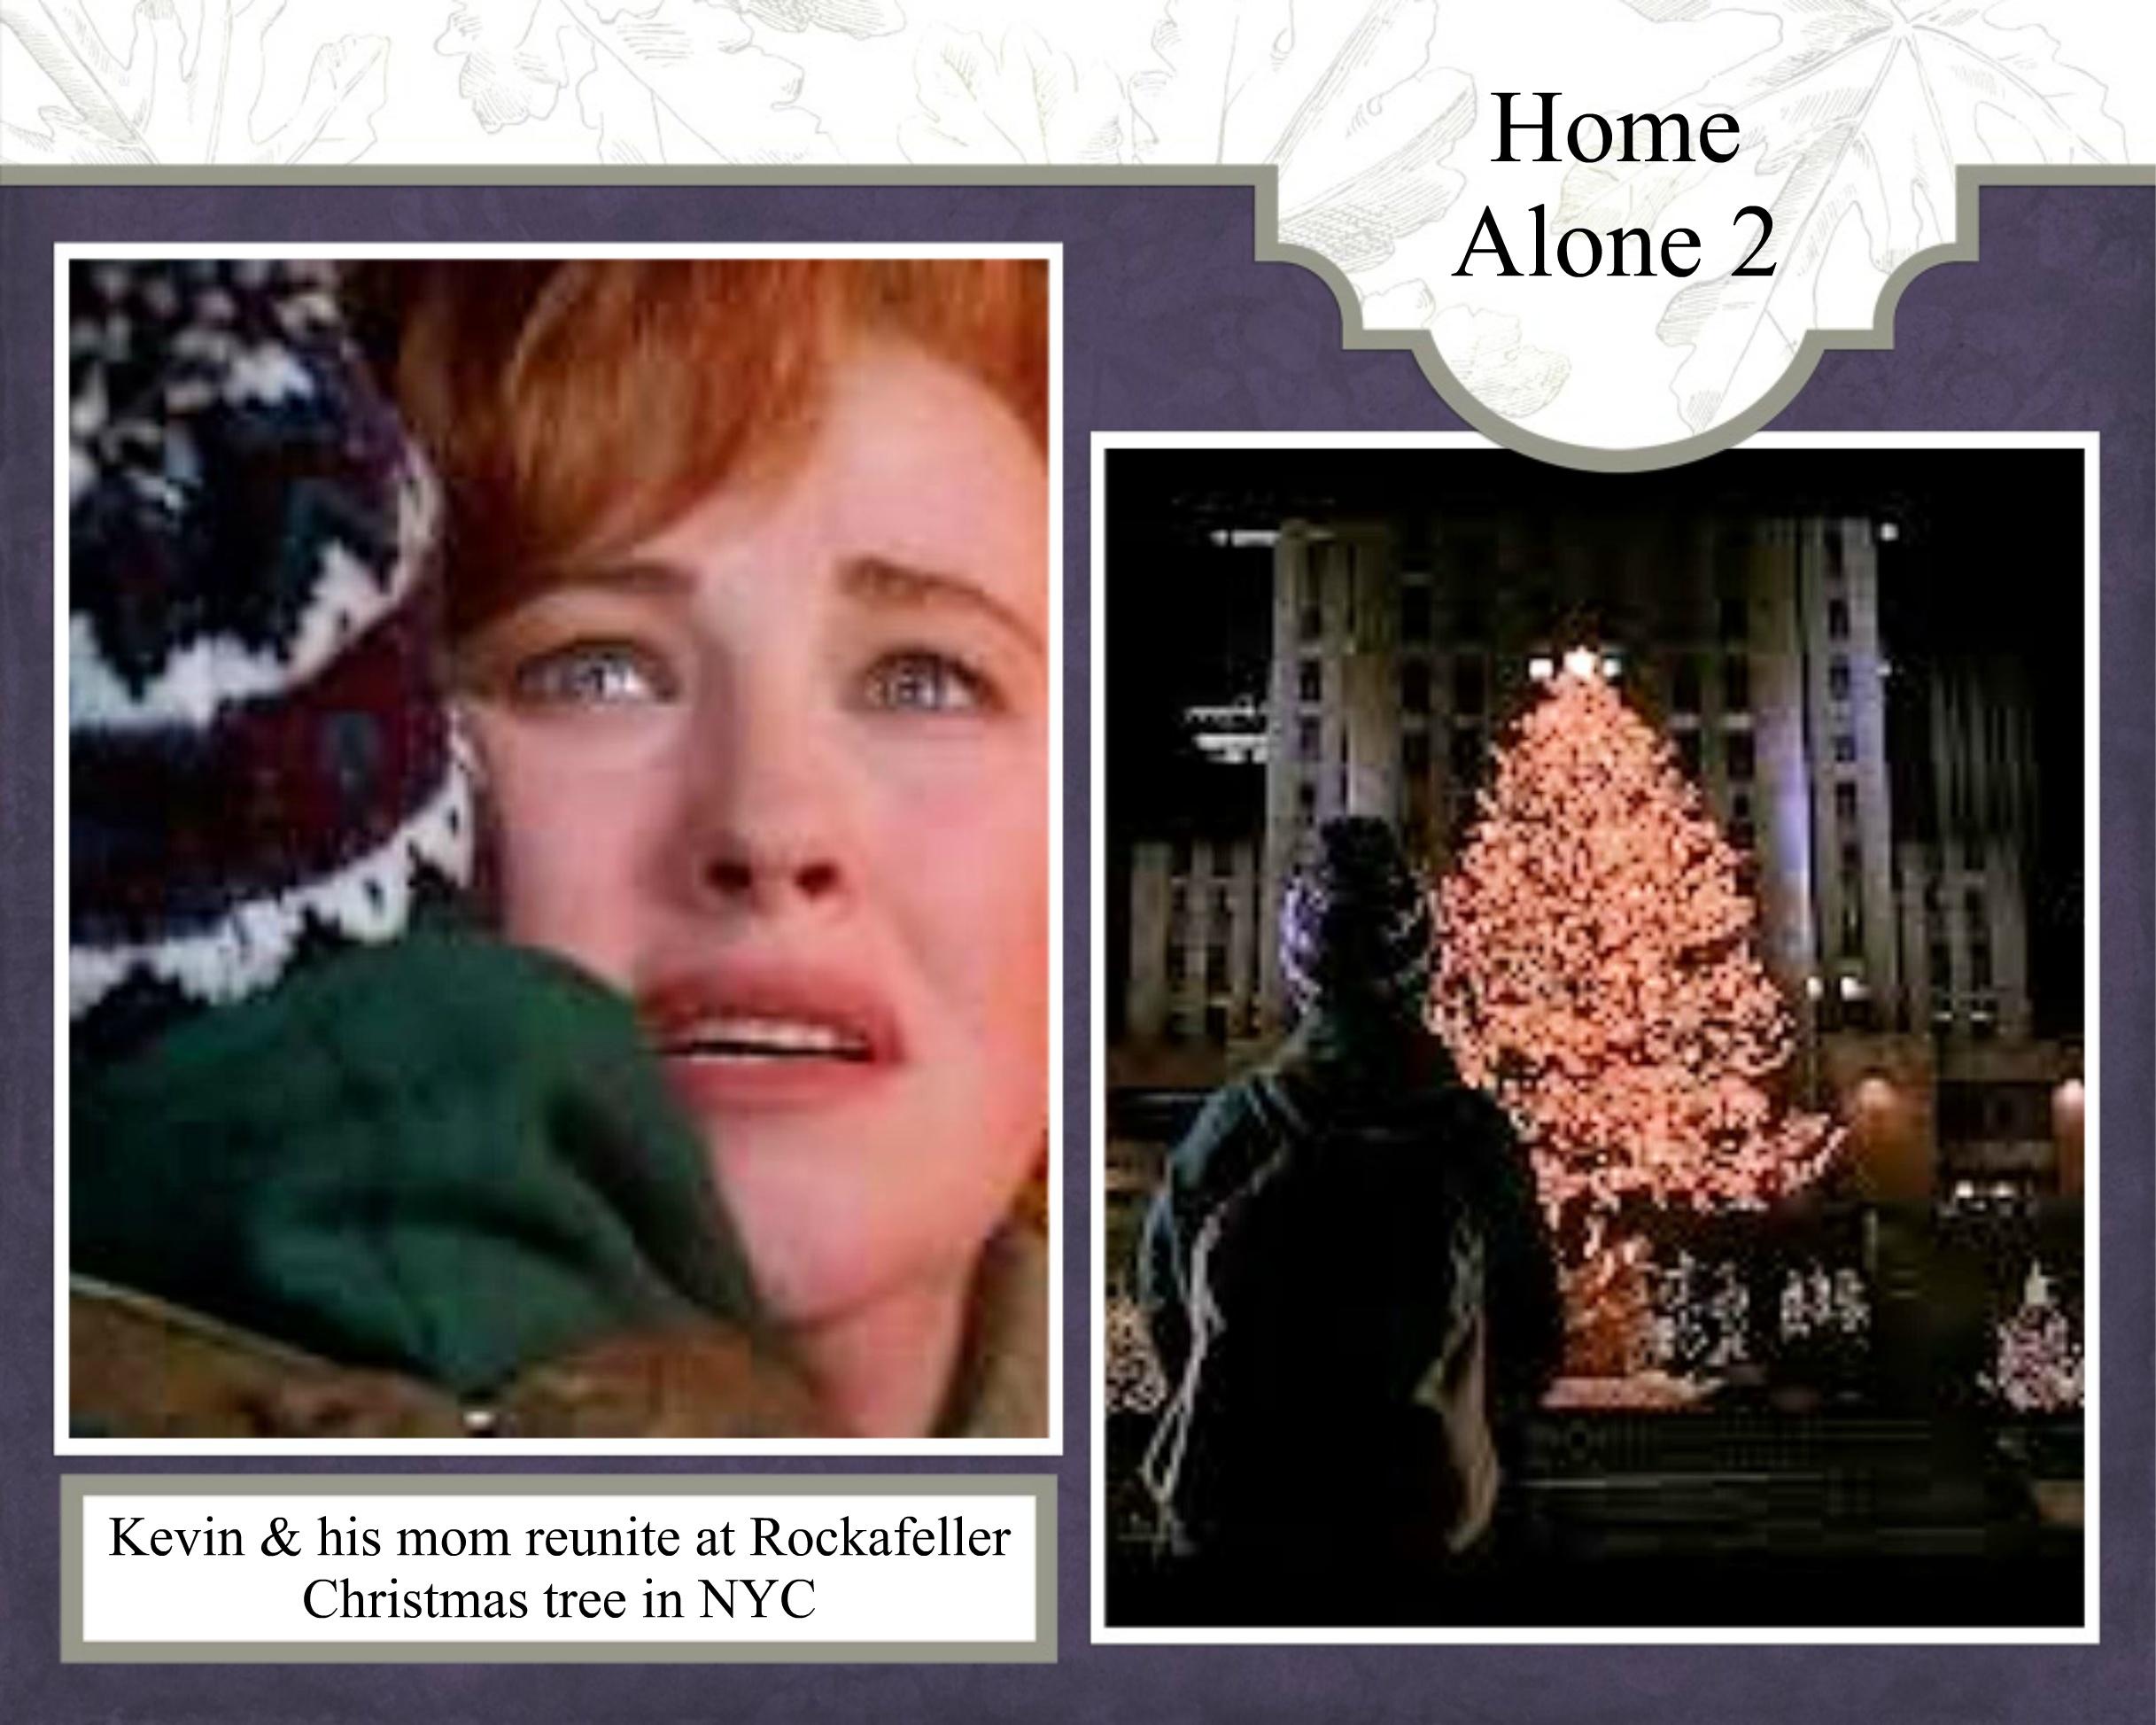 home alone 2 lost - photo #5